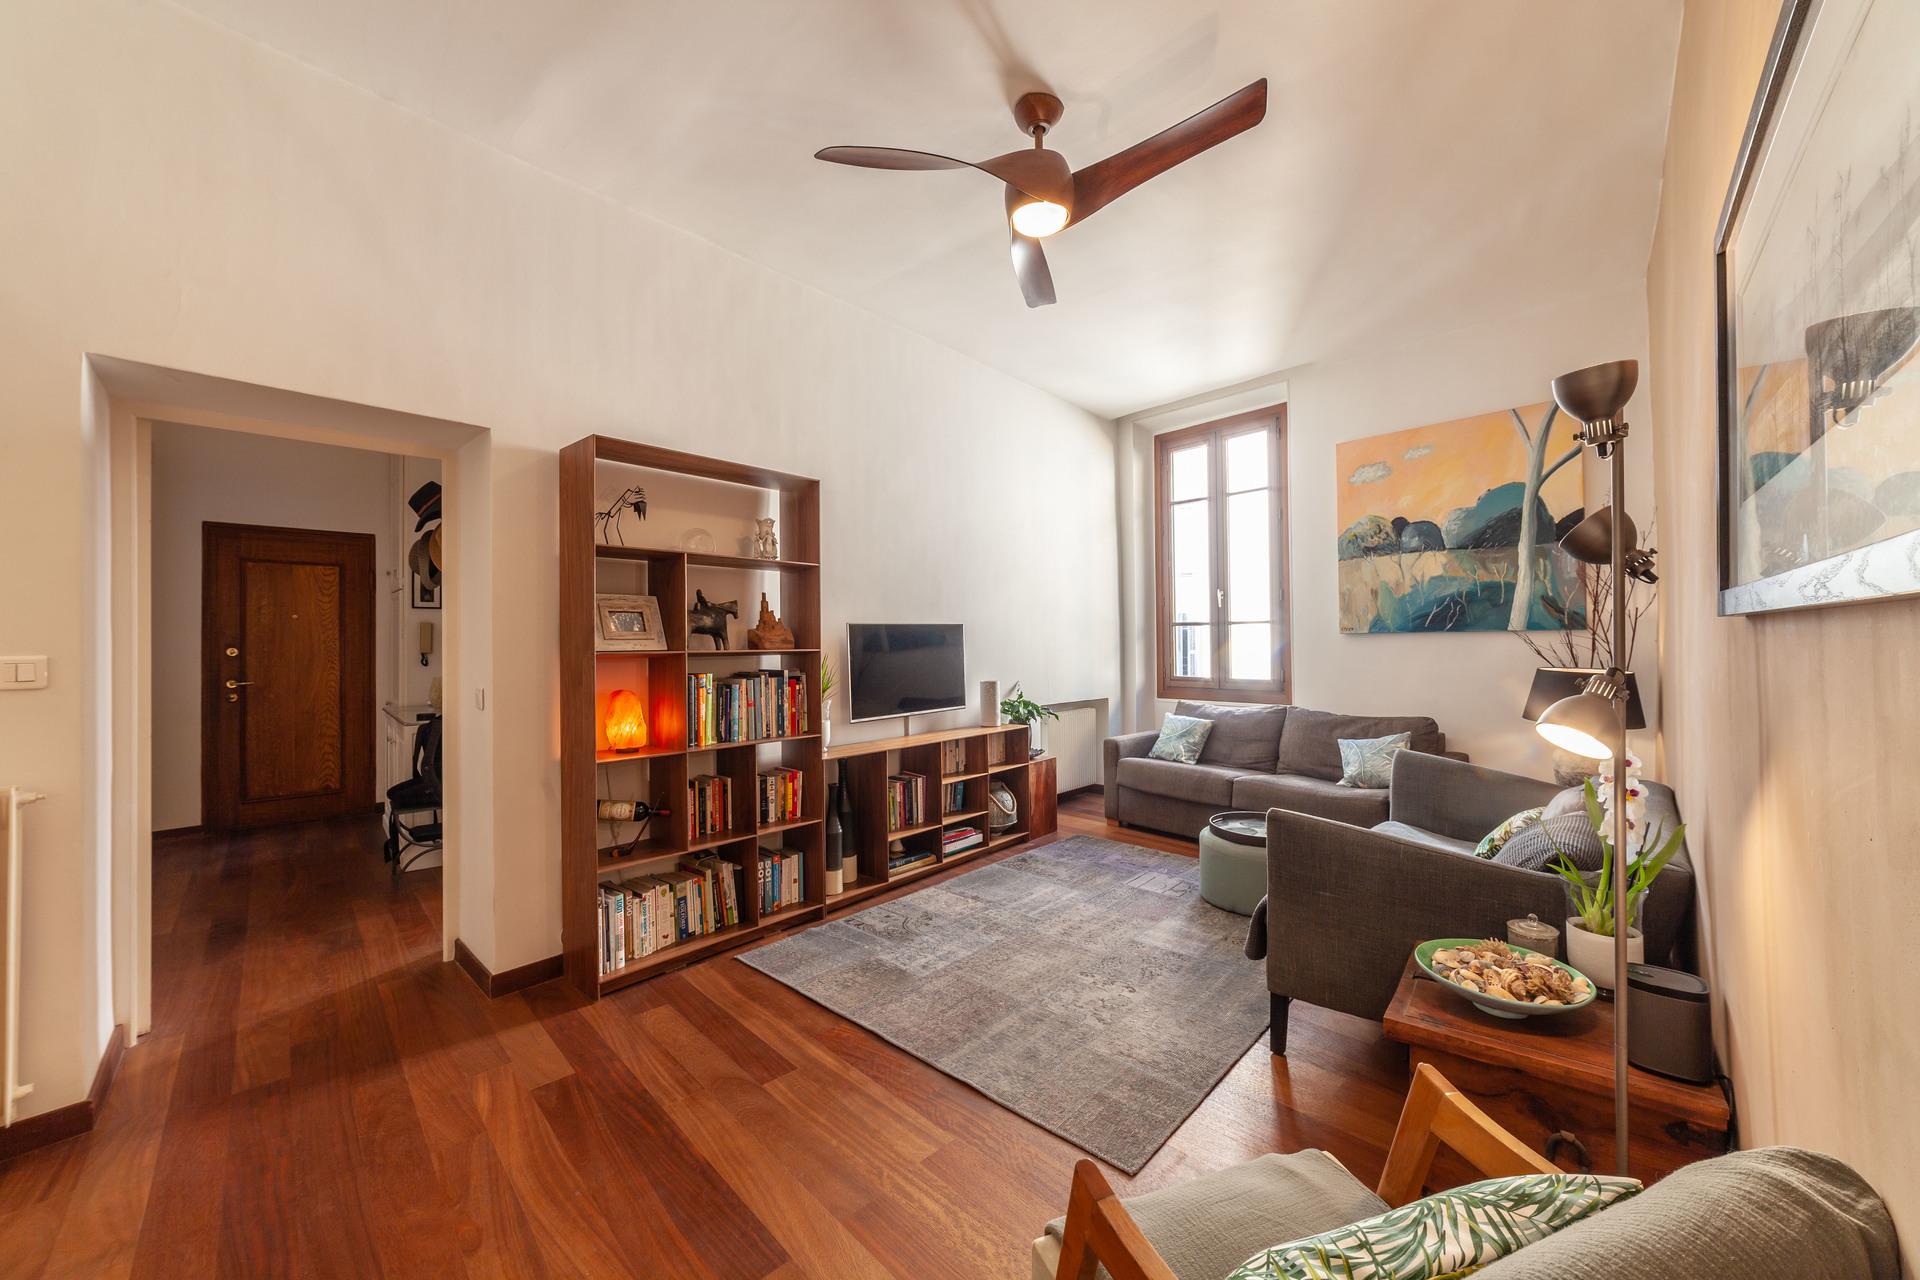 Vente Appartement 74 m² T3 06300_1